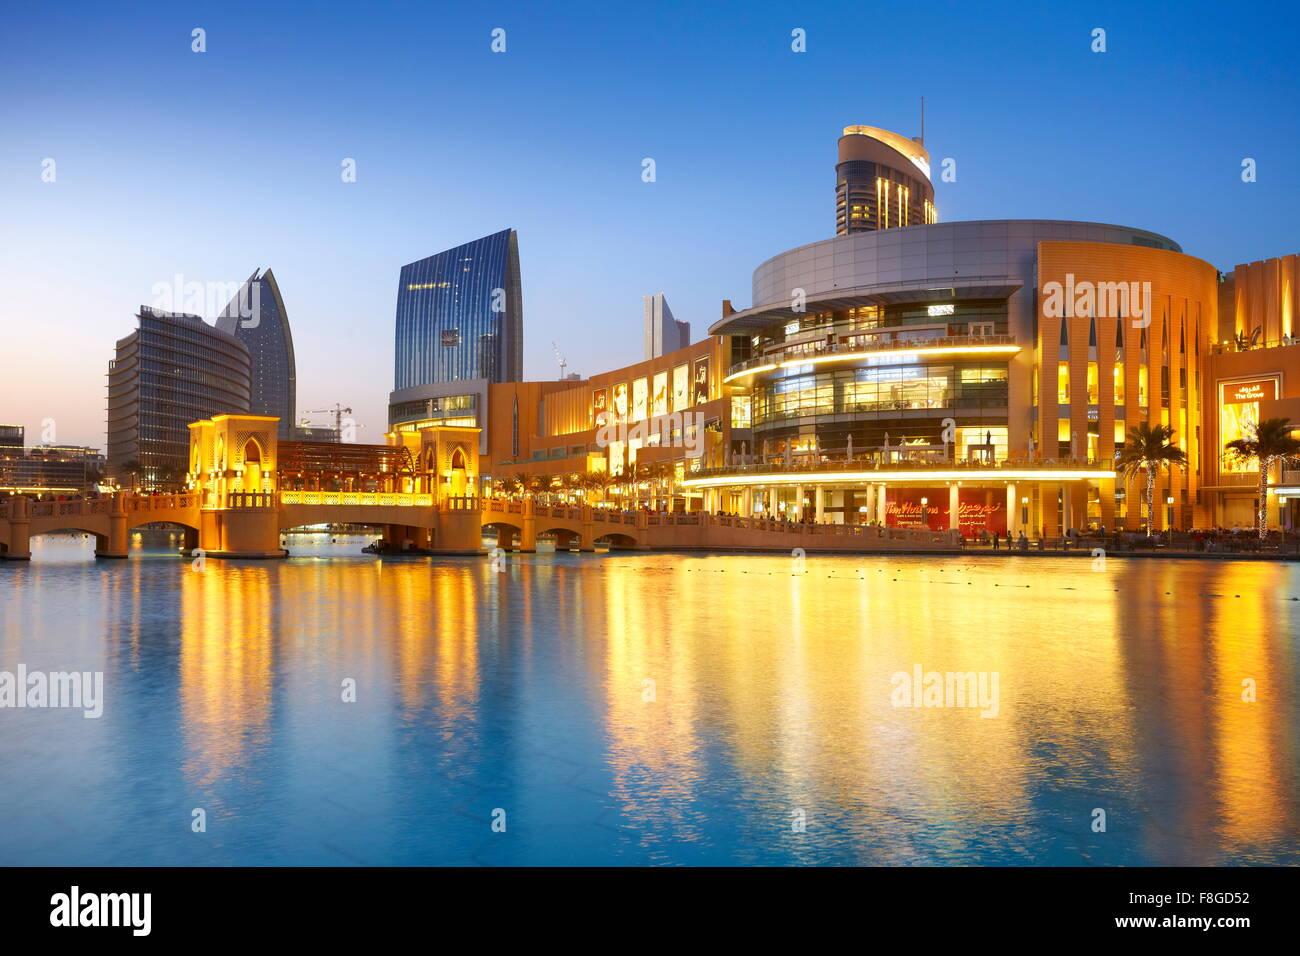 Dubai city - Dubai Mall, United Arab Emirates - Stock Image